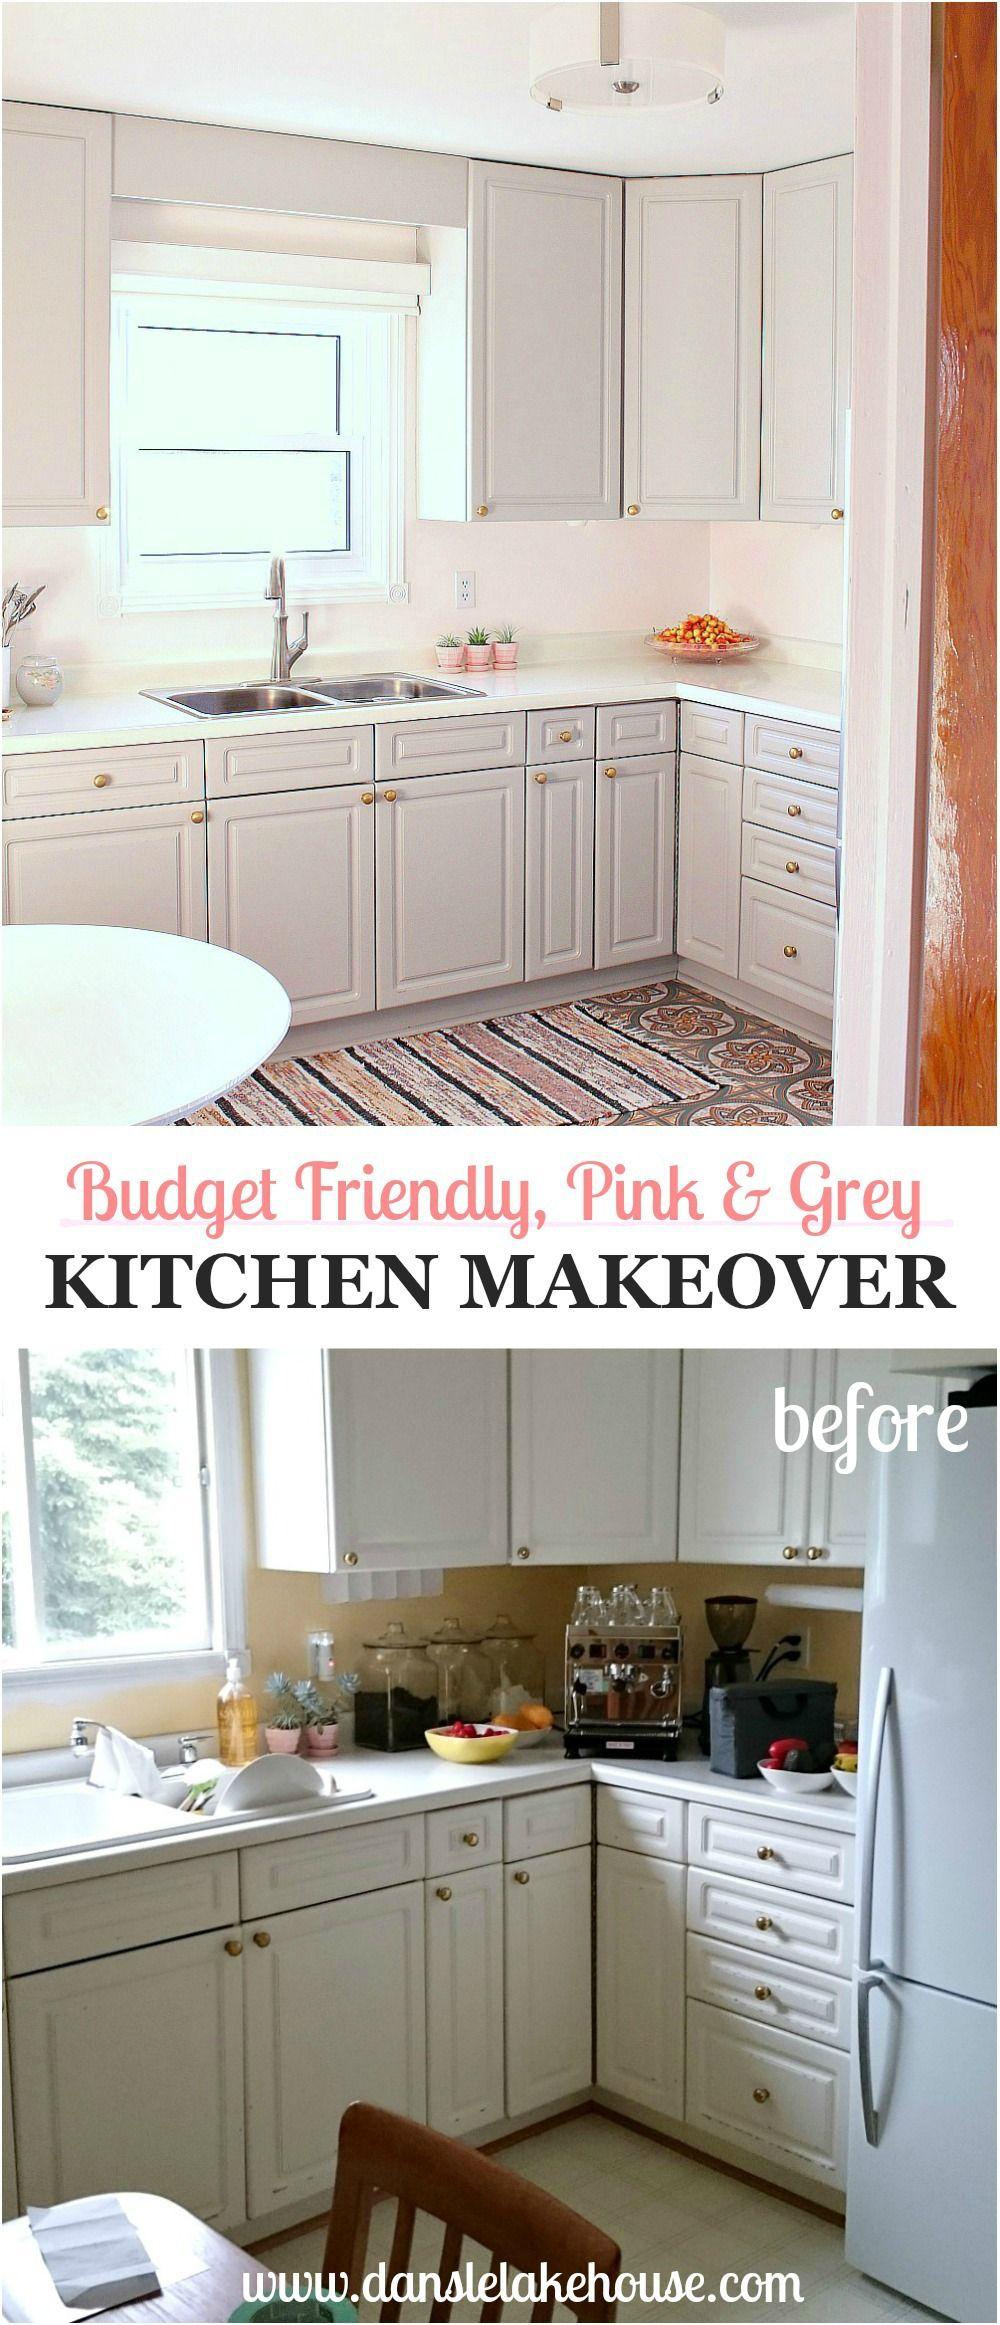 Diy Budget Friendly Kitchen Makeover Dans Le Lakehouse In 2020 Kitchen Diy Makeover Easy Kitchen Renovations Kitchen Makeover